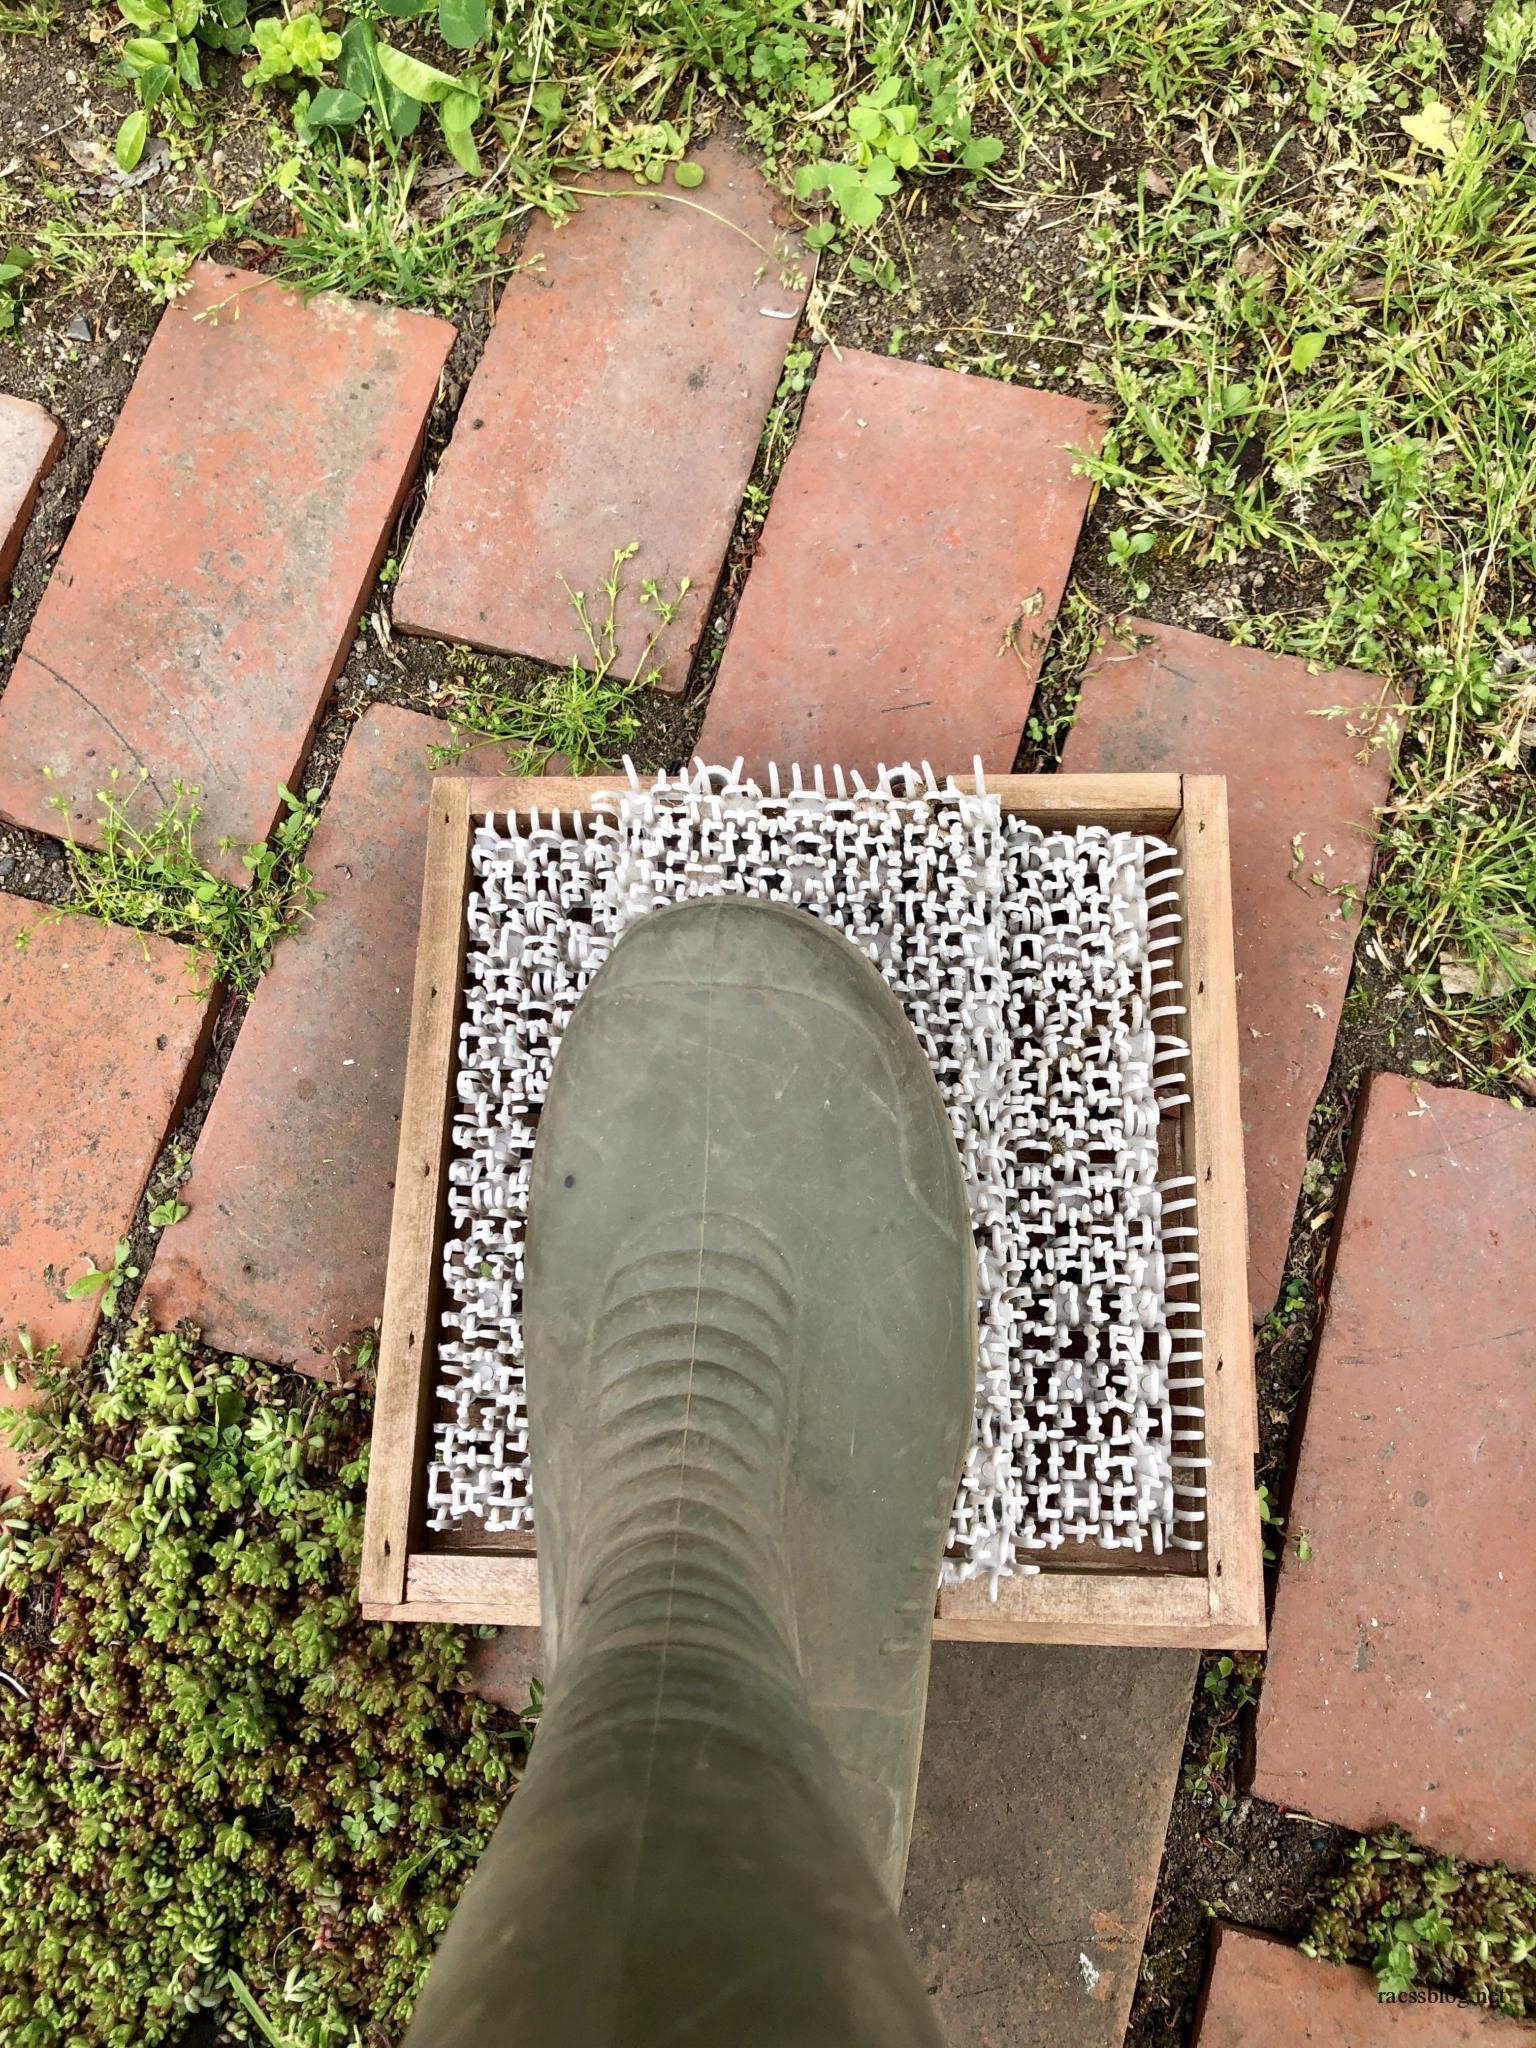 ガーデニング長靴の泥落としを100均の材料で作る方法